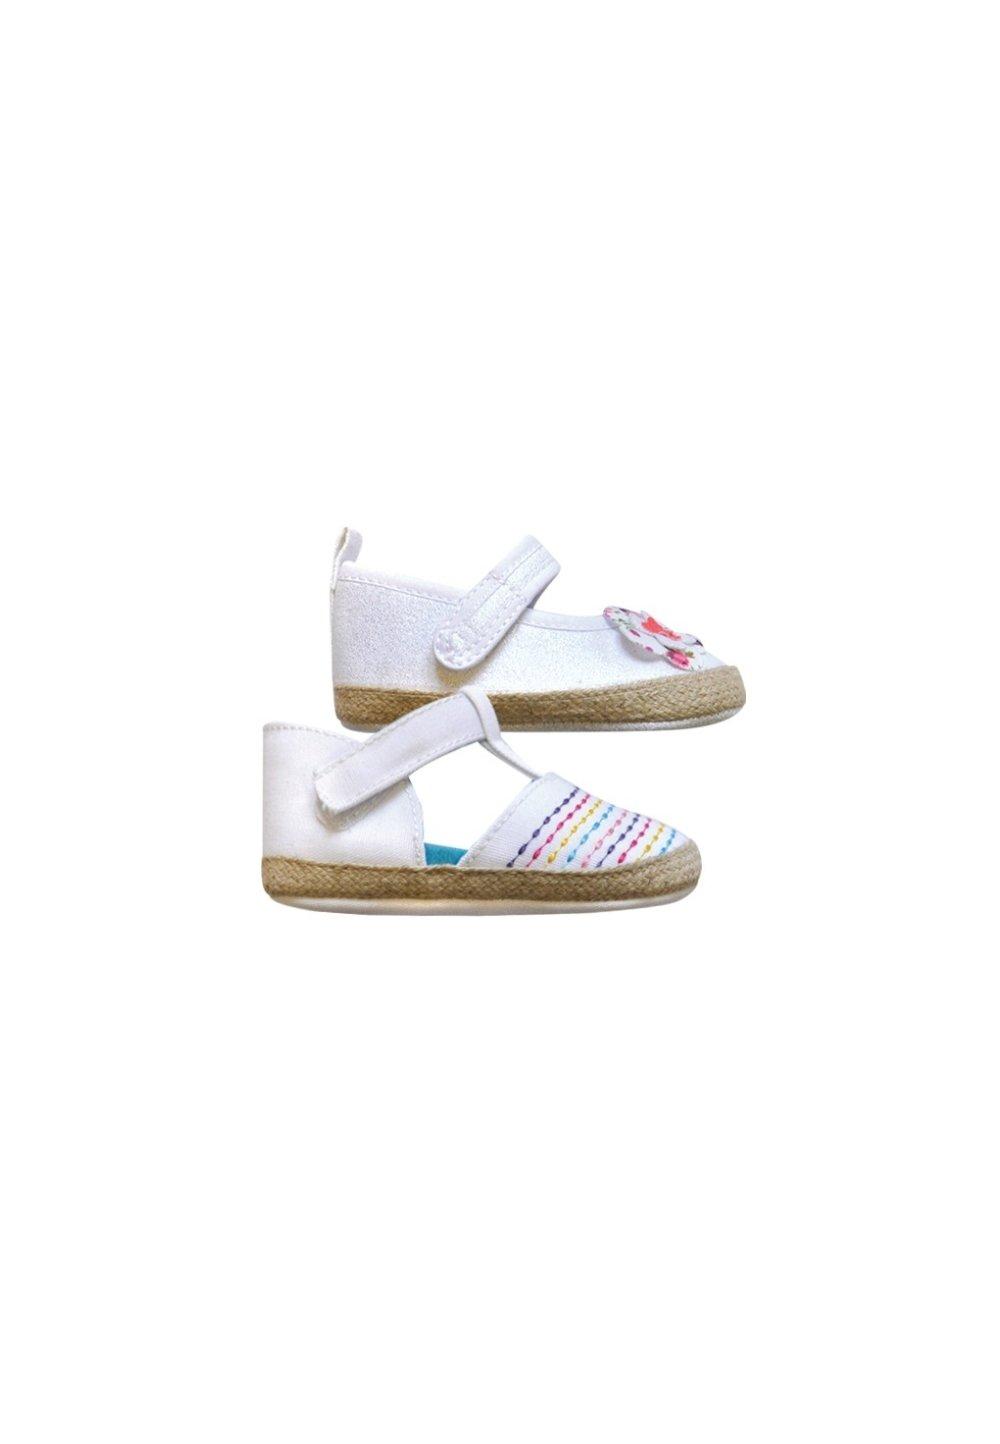 Papucei bebe, albi cu scai si linii colorate imagine